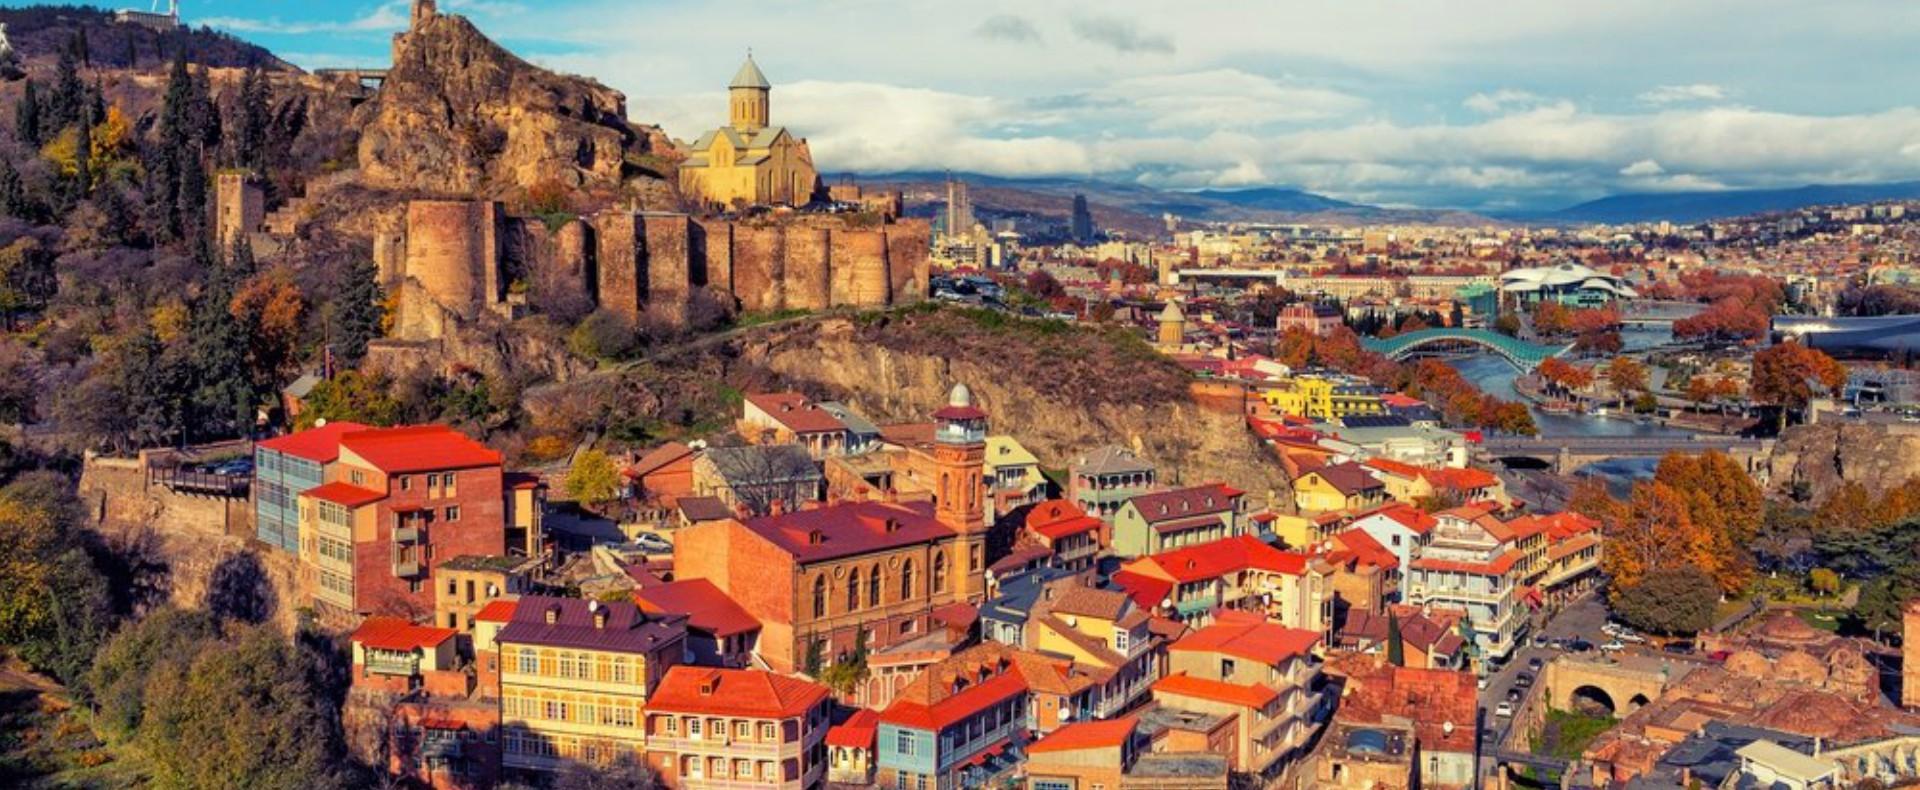 Tbilisi city, Georgia